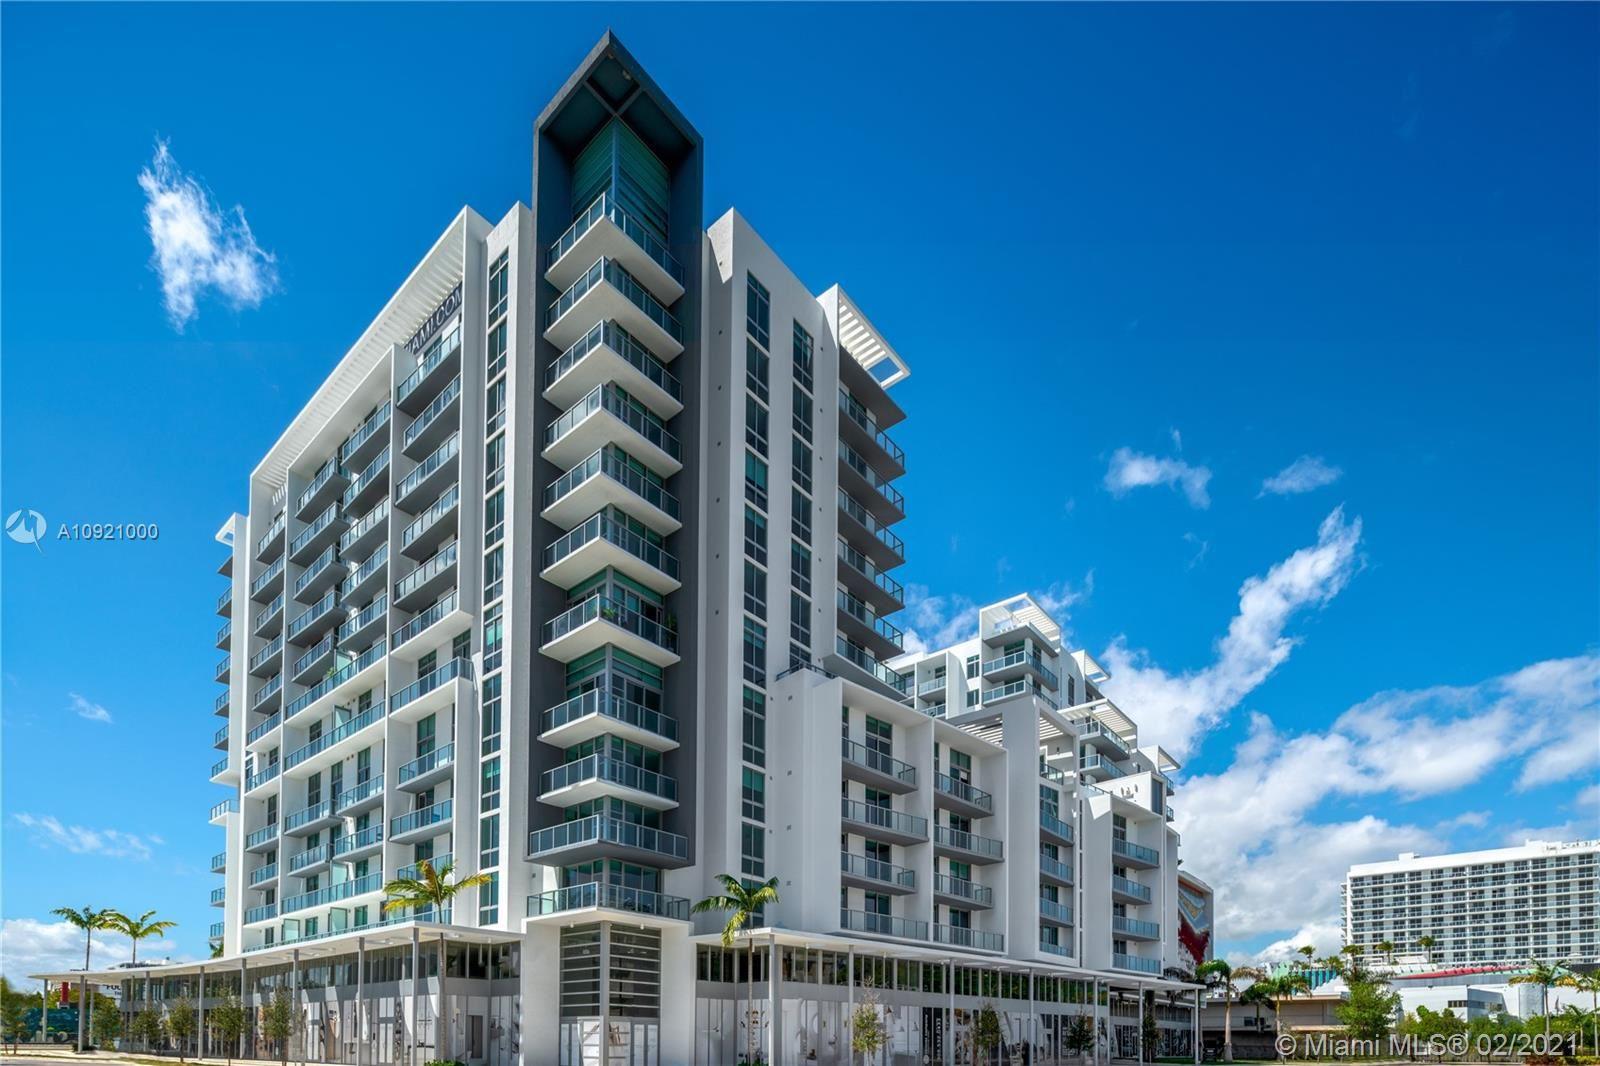 3900 Biscayne Blvd #S-406, Miami, FL 33137 - #: A10921000